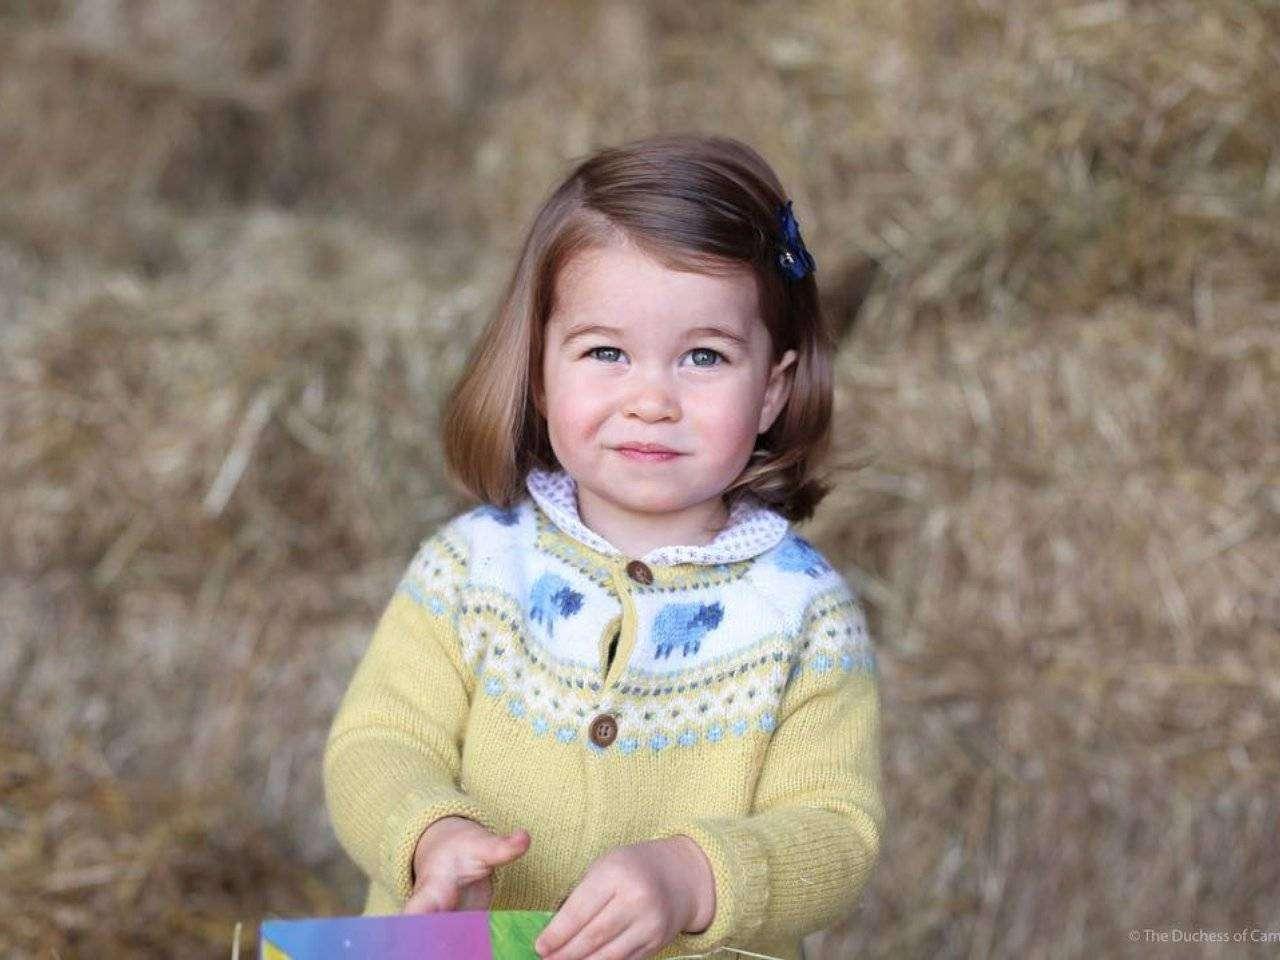 Принцесса Шарлотта Кембриджская — биография очаровательной малышки 2015 года